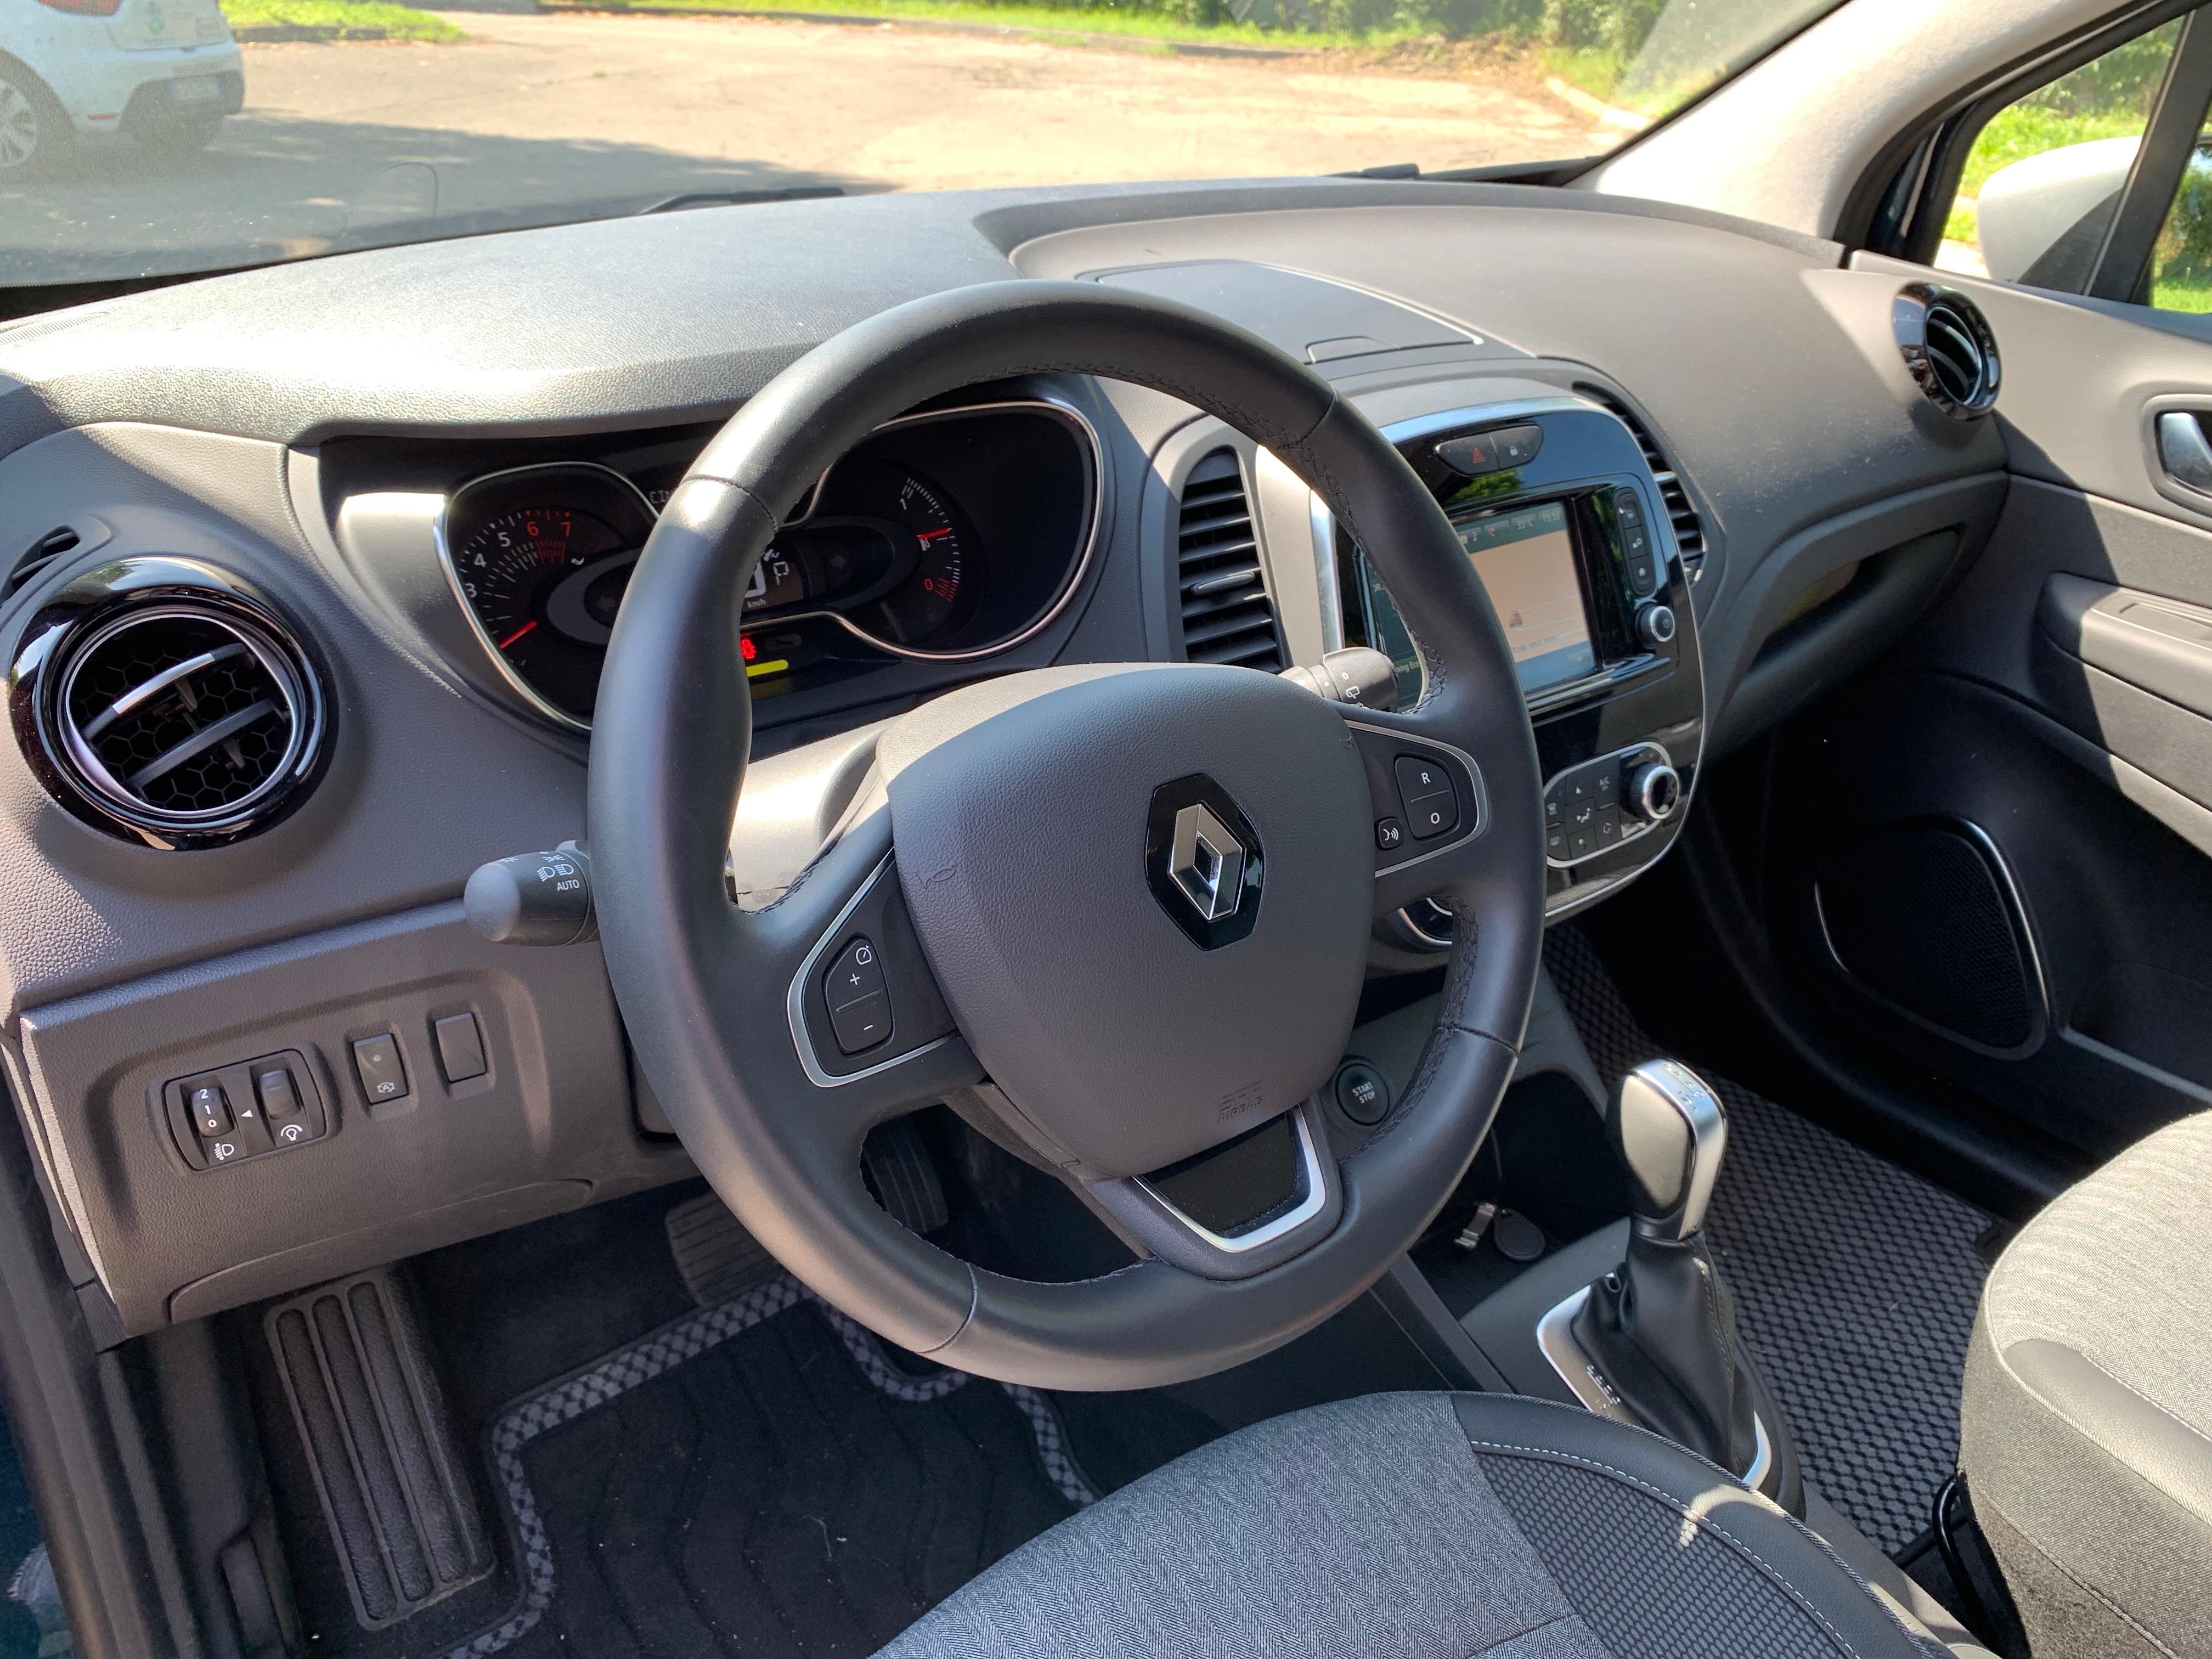 Renault Captur 1.3 TCe 150 EDC Sport Edition